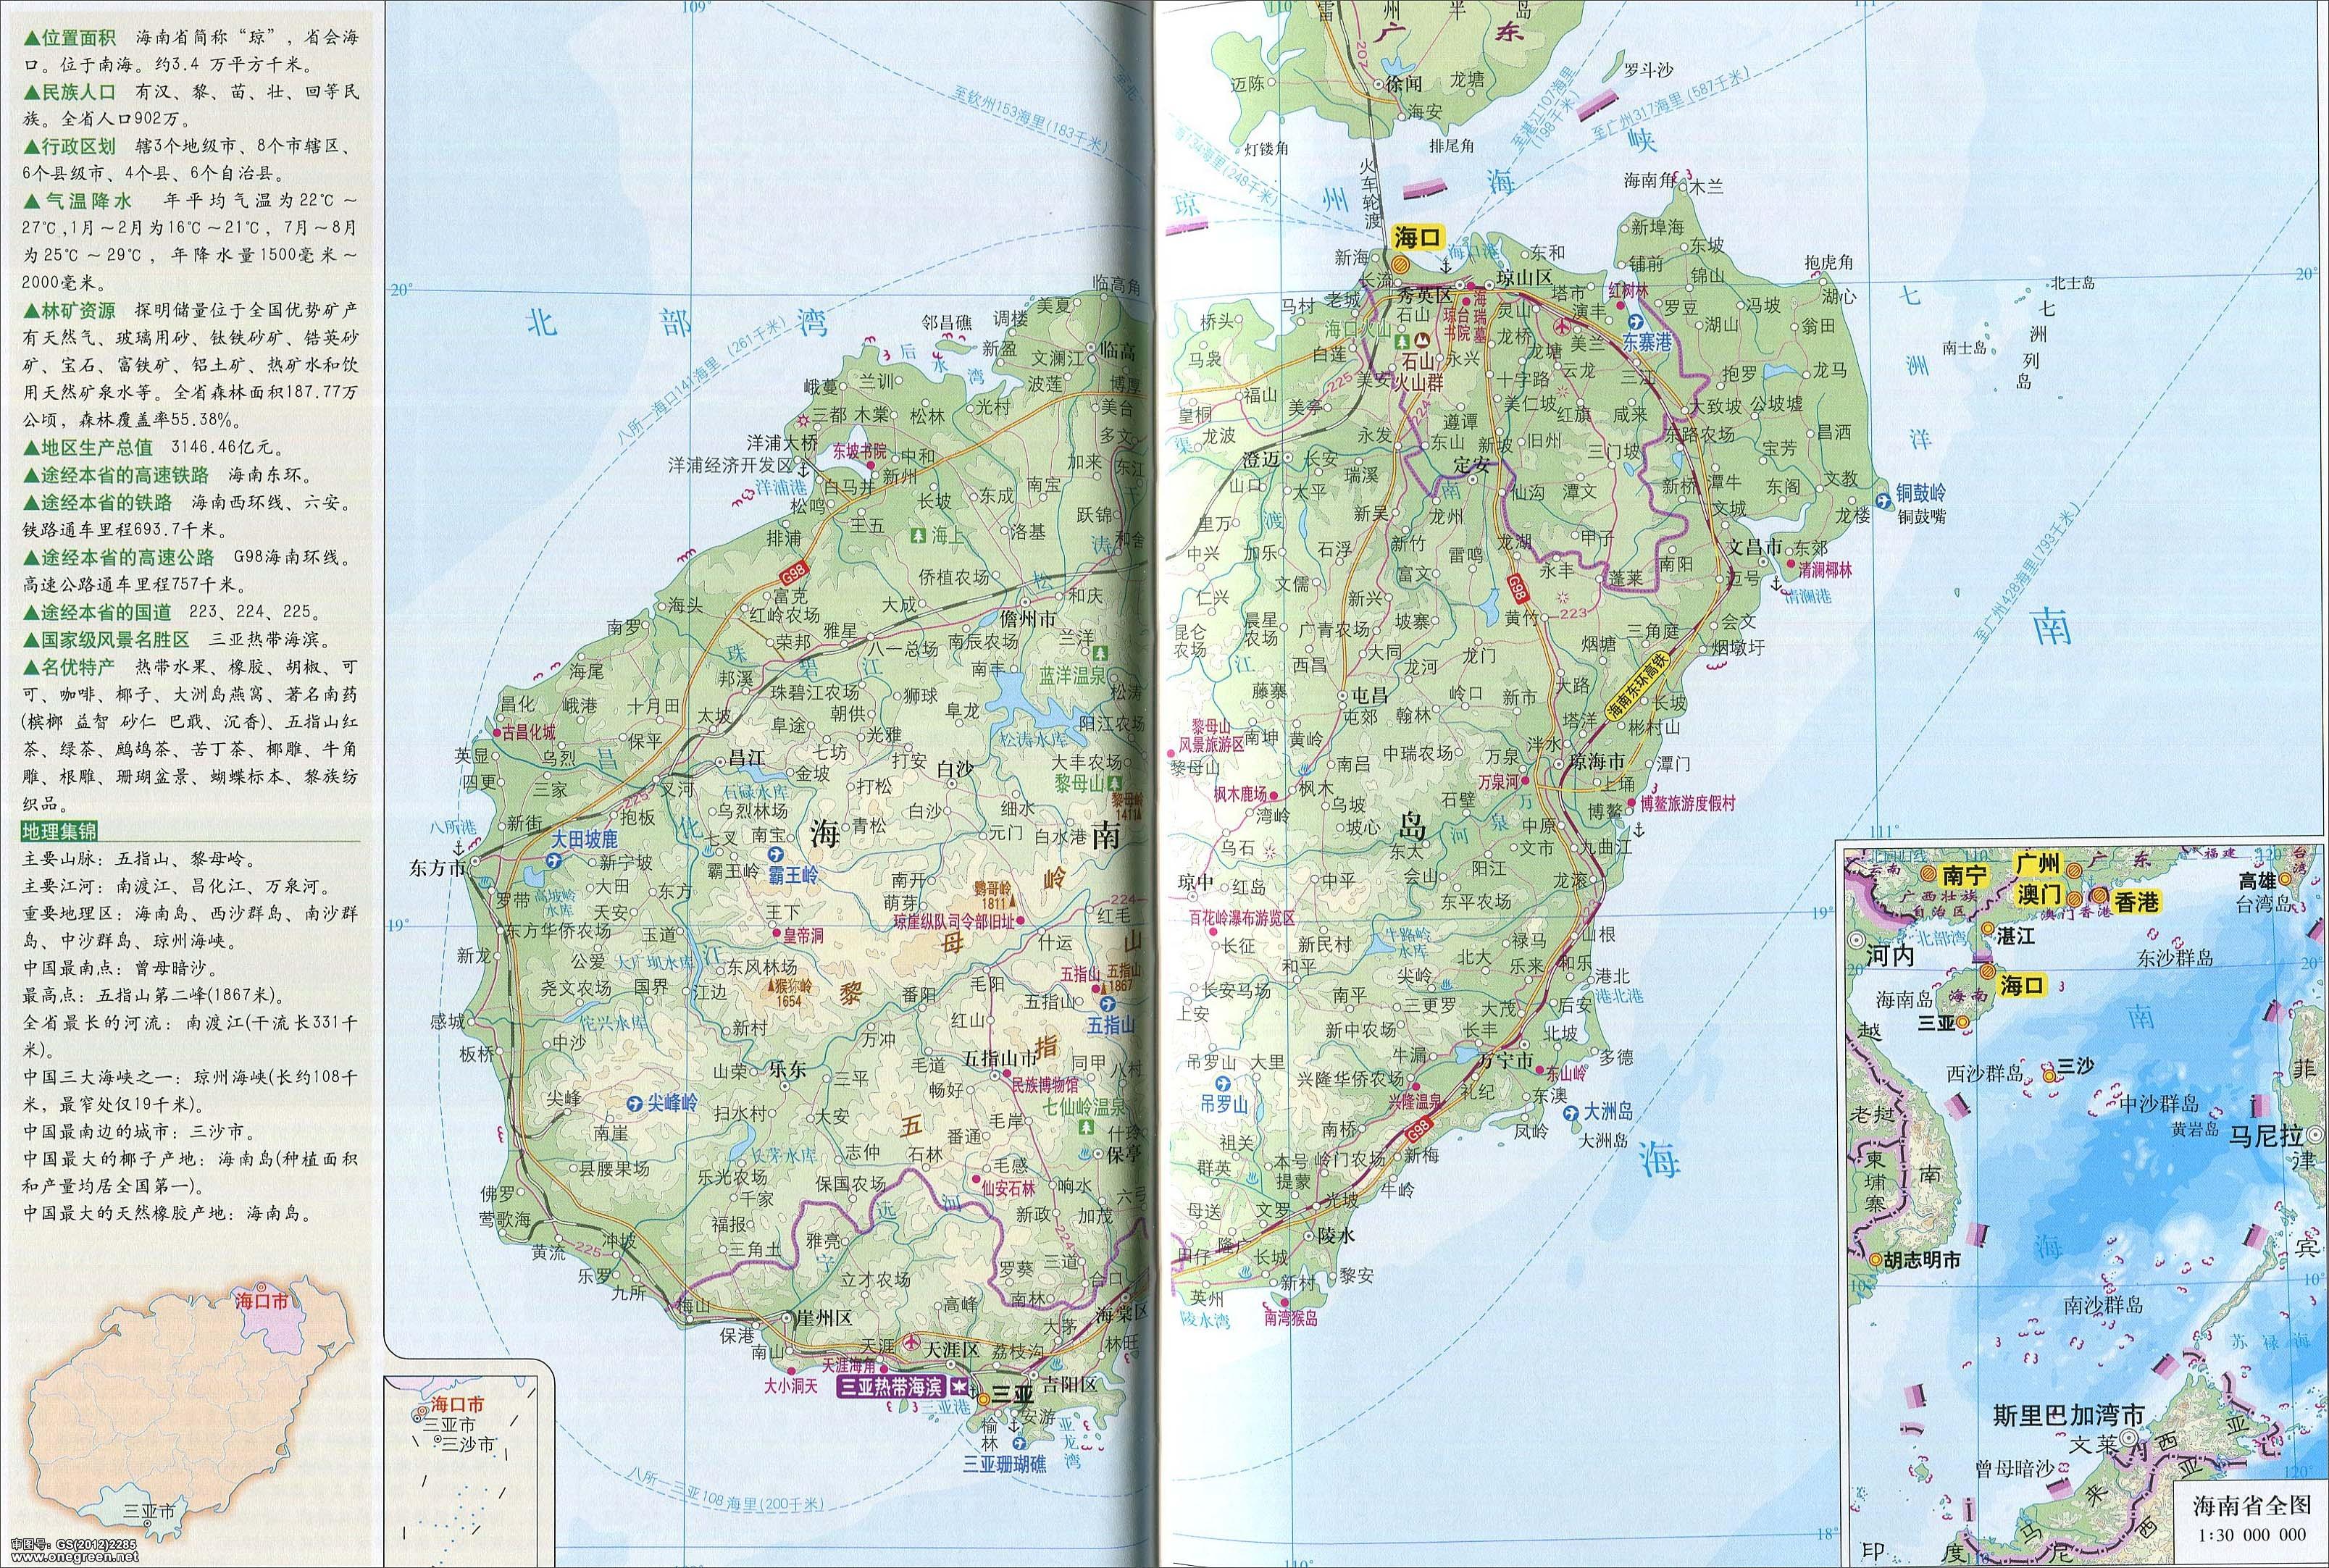 海南省地图地形版